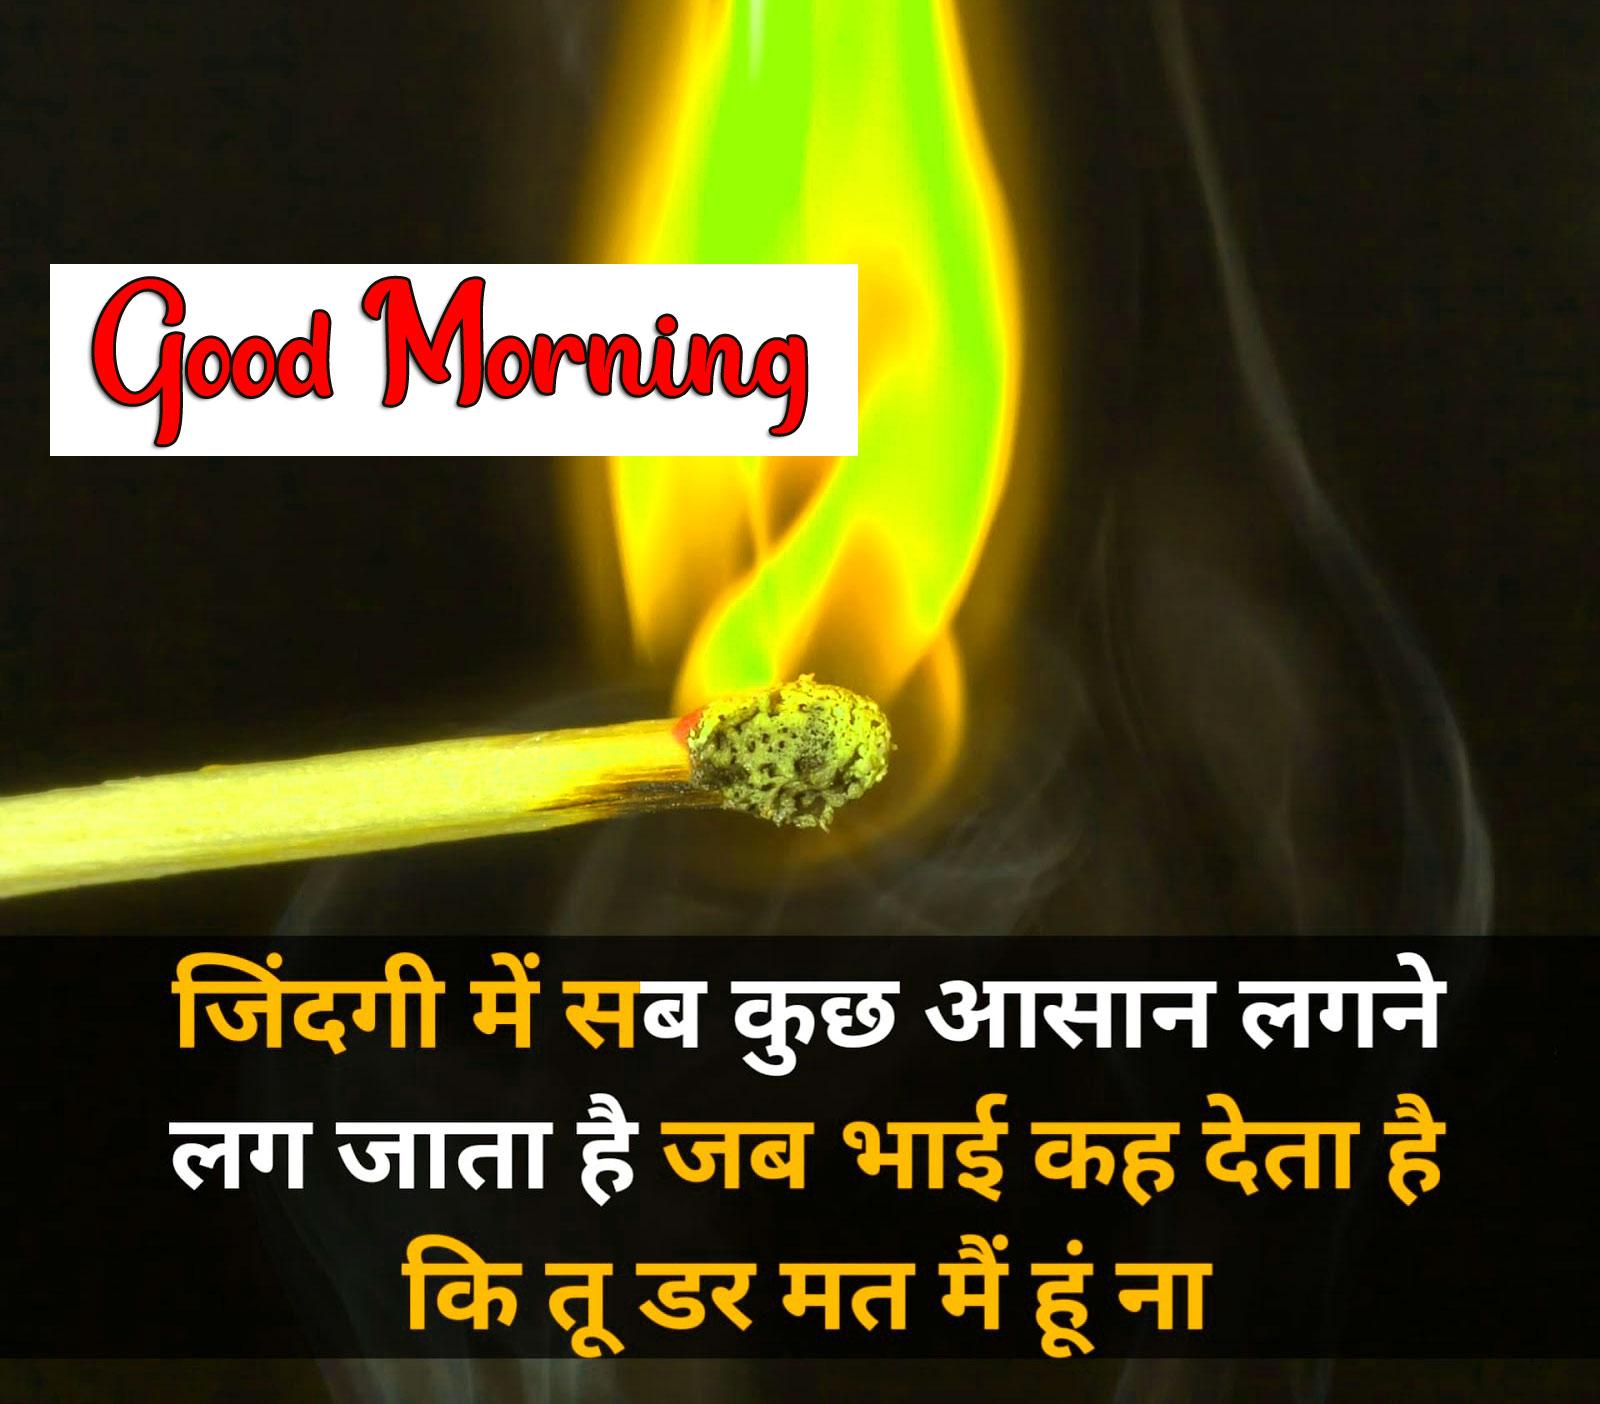 Free k Ultra Shayari Good Morning Pics Download